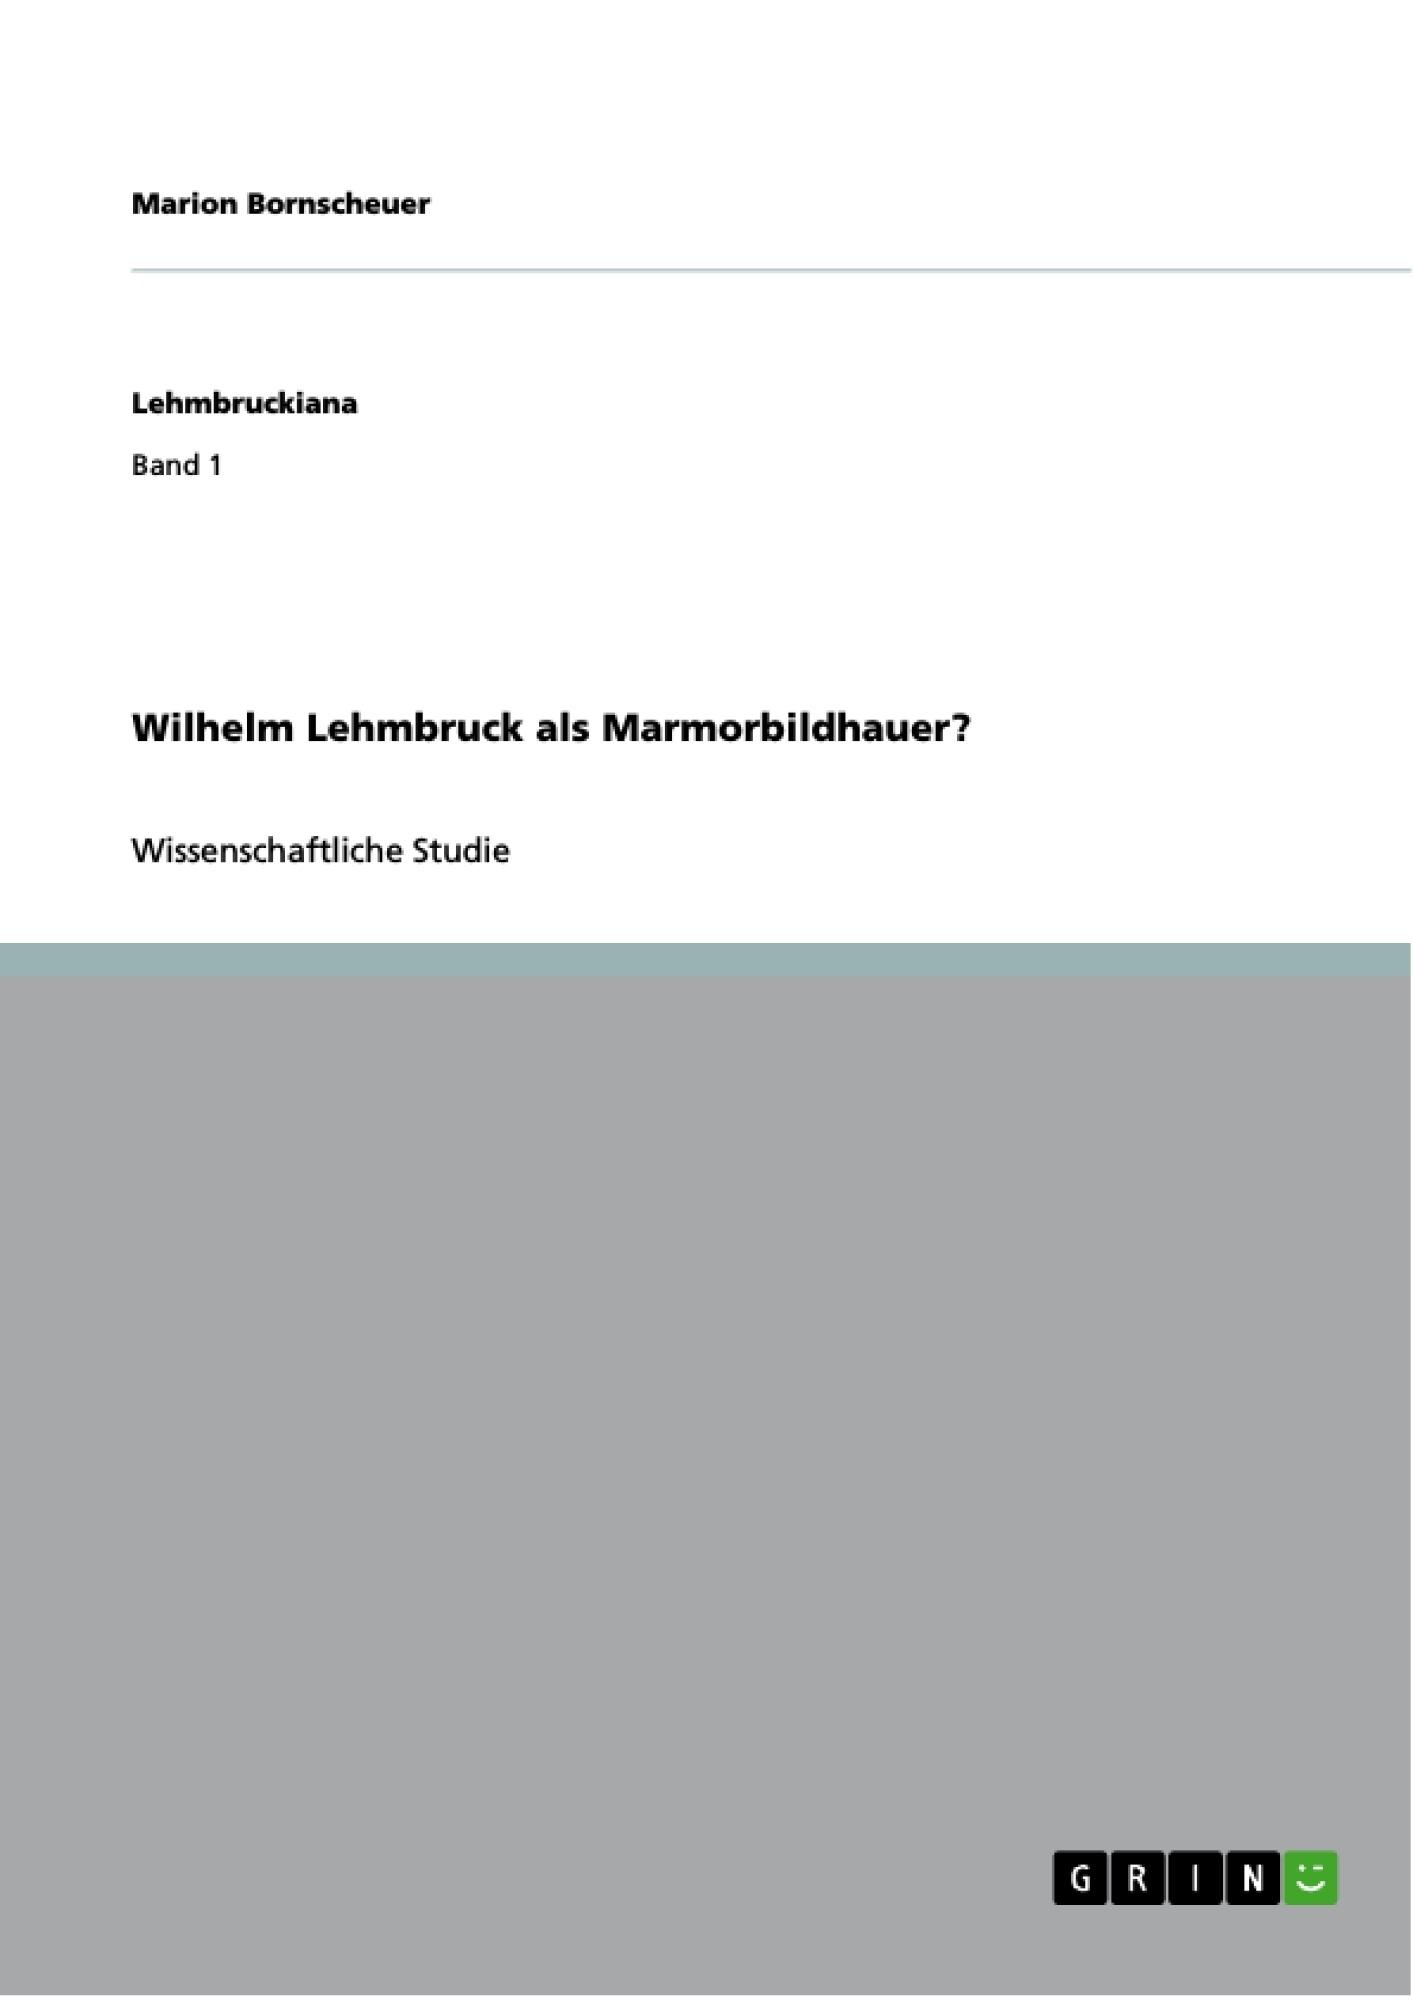 Titel: Wilhelm Lehmbruck als Marmorbildhauer?